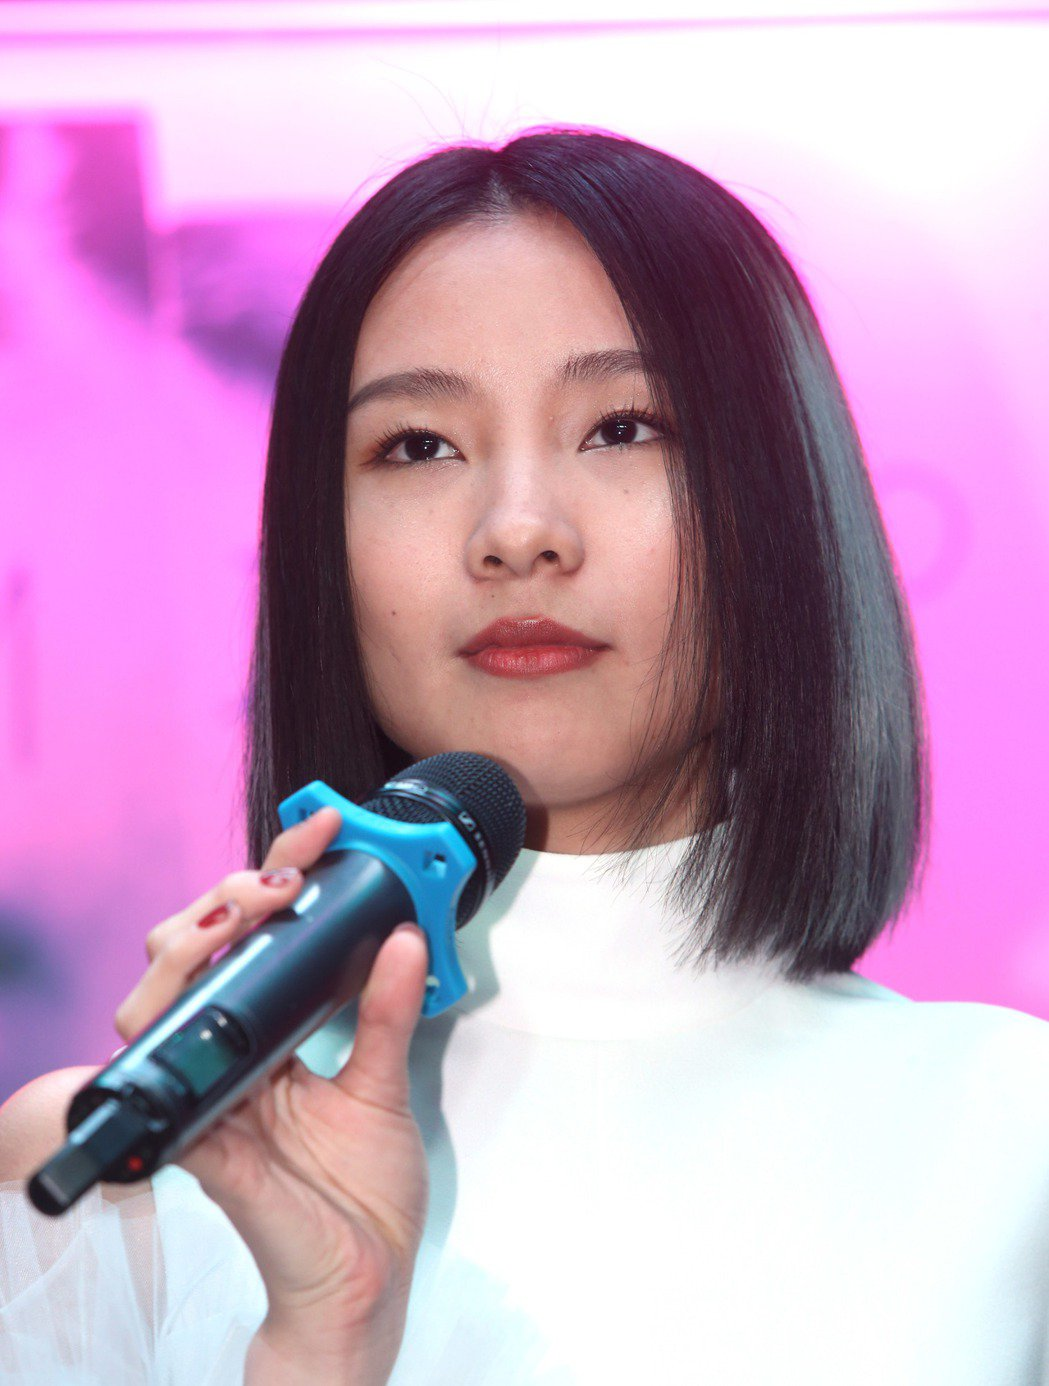 陳忻玥首張專輯「AM I WHO I AM」發片,陳忻玥現場演唱「炙愛」和「AM...